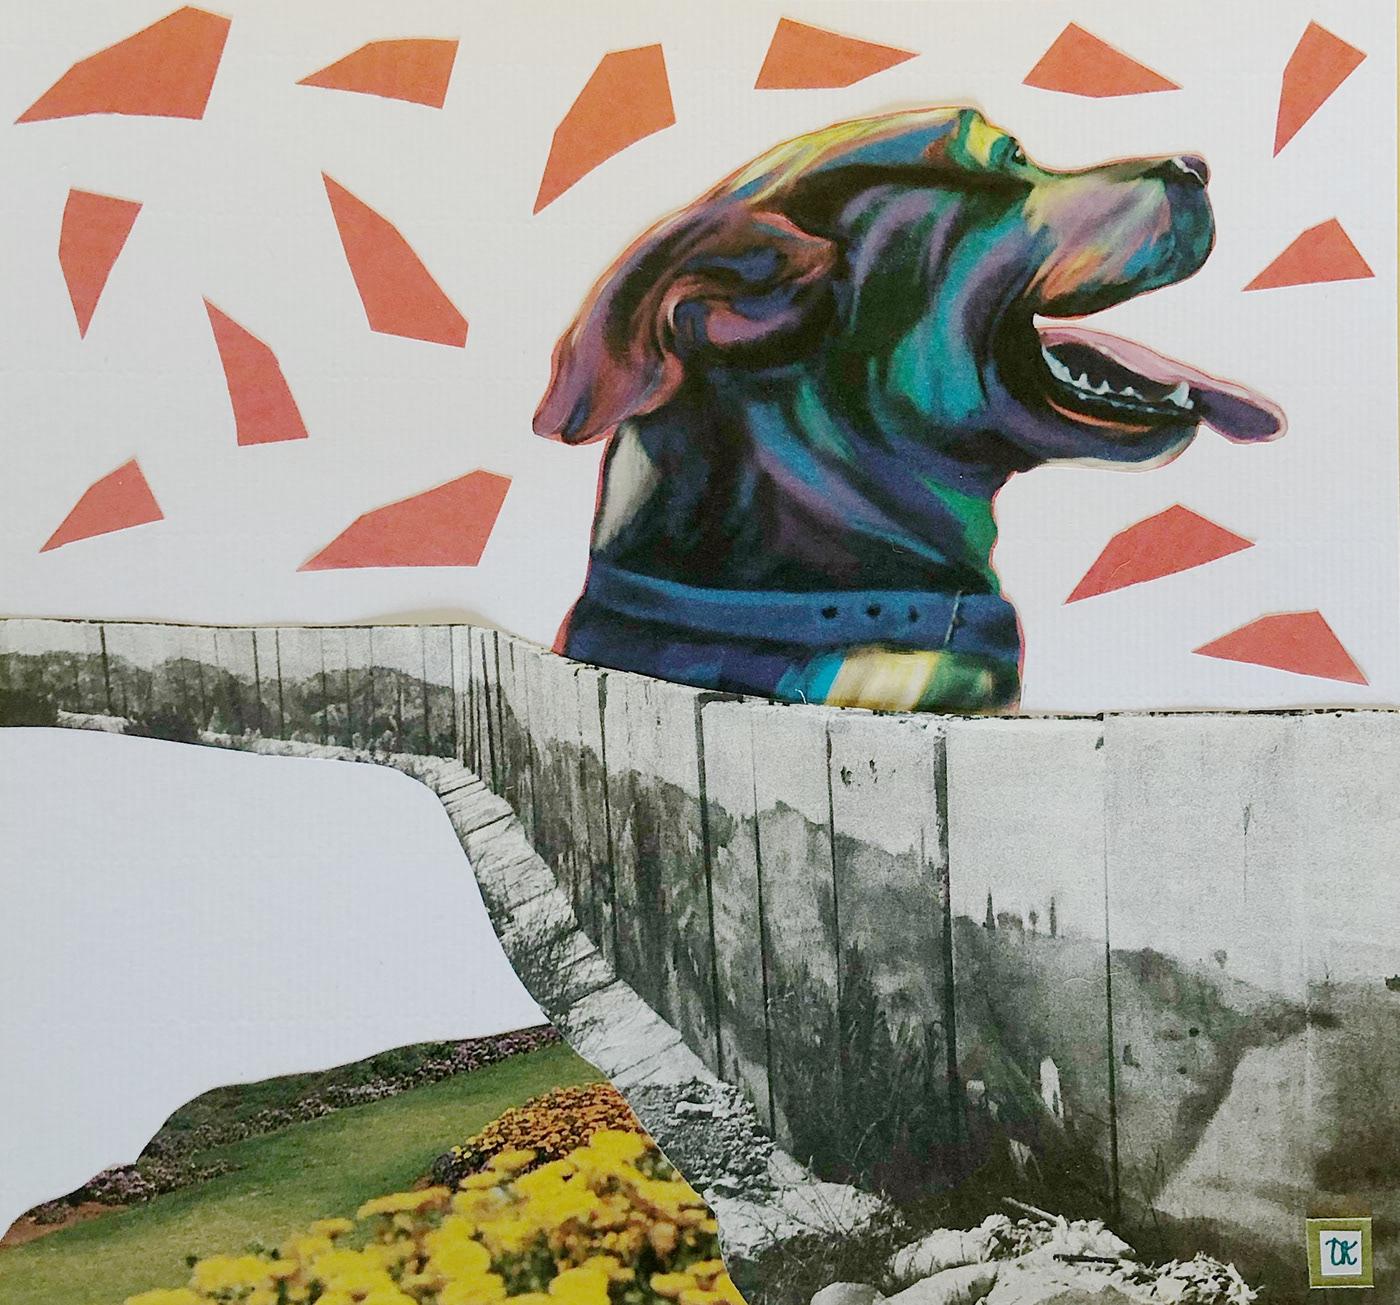 art arte Artista Brasil Brazil colagem collage mulheres poesia